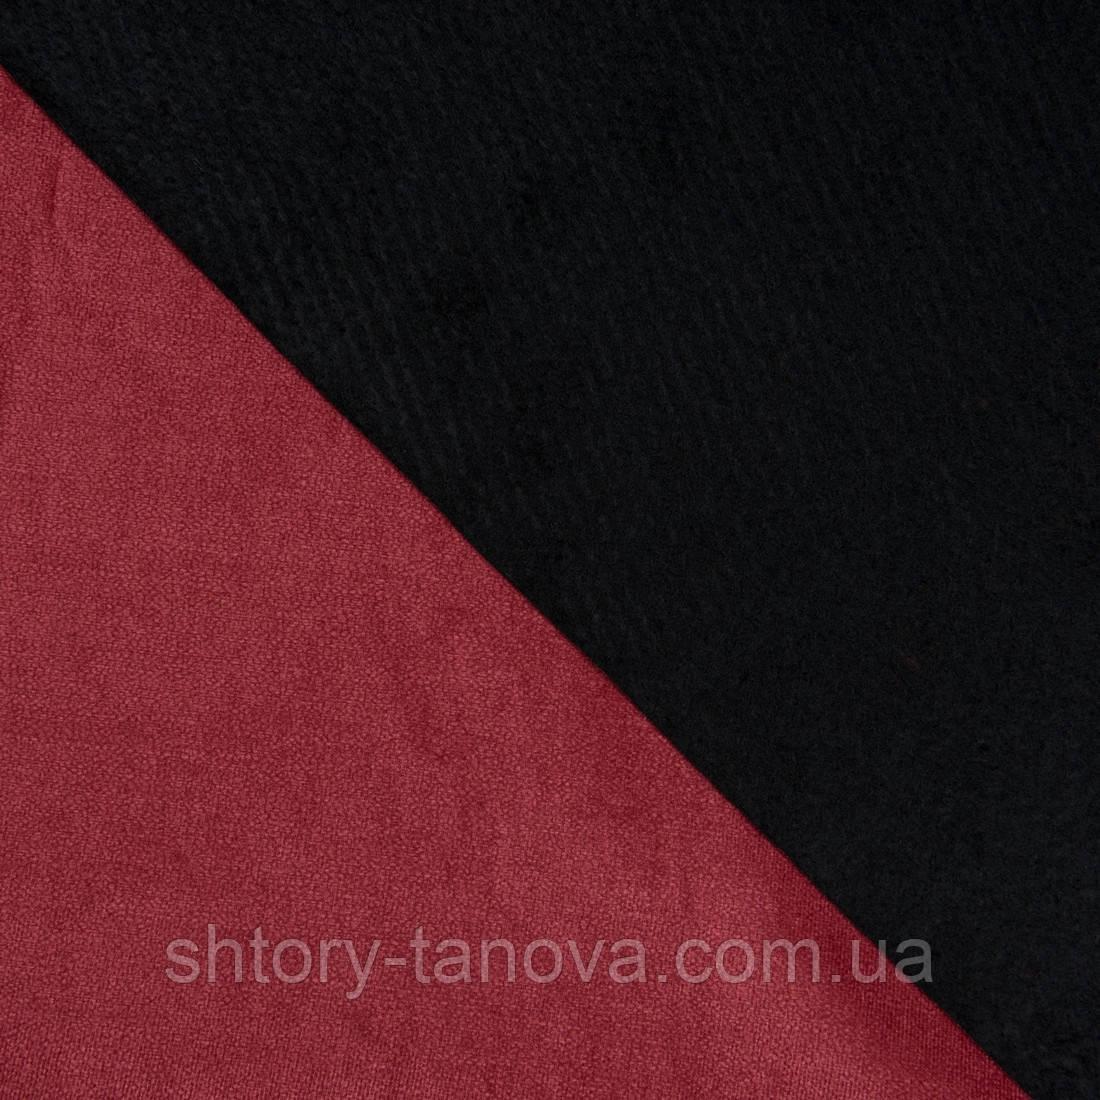 Декоративна тканина блийч лісова ягода